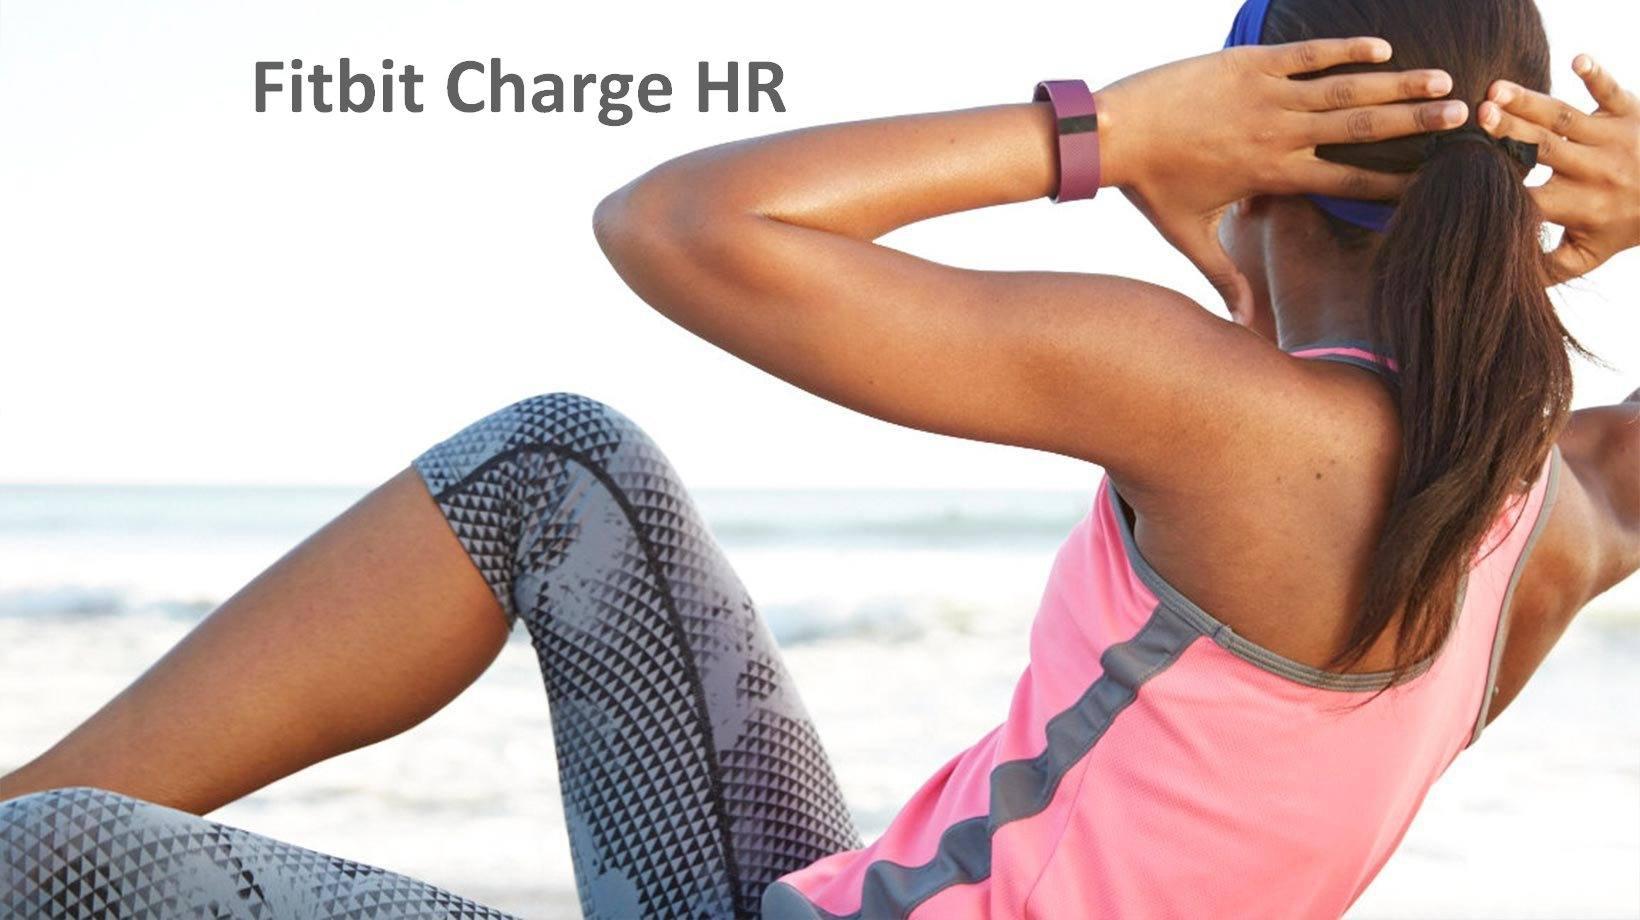 Выбор фитнес трекера. Какой выбрать_Fitbit Charge HR